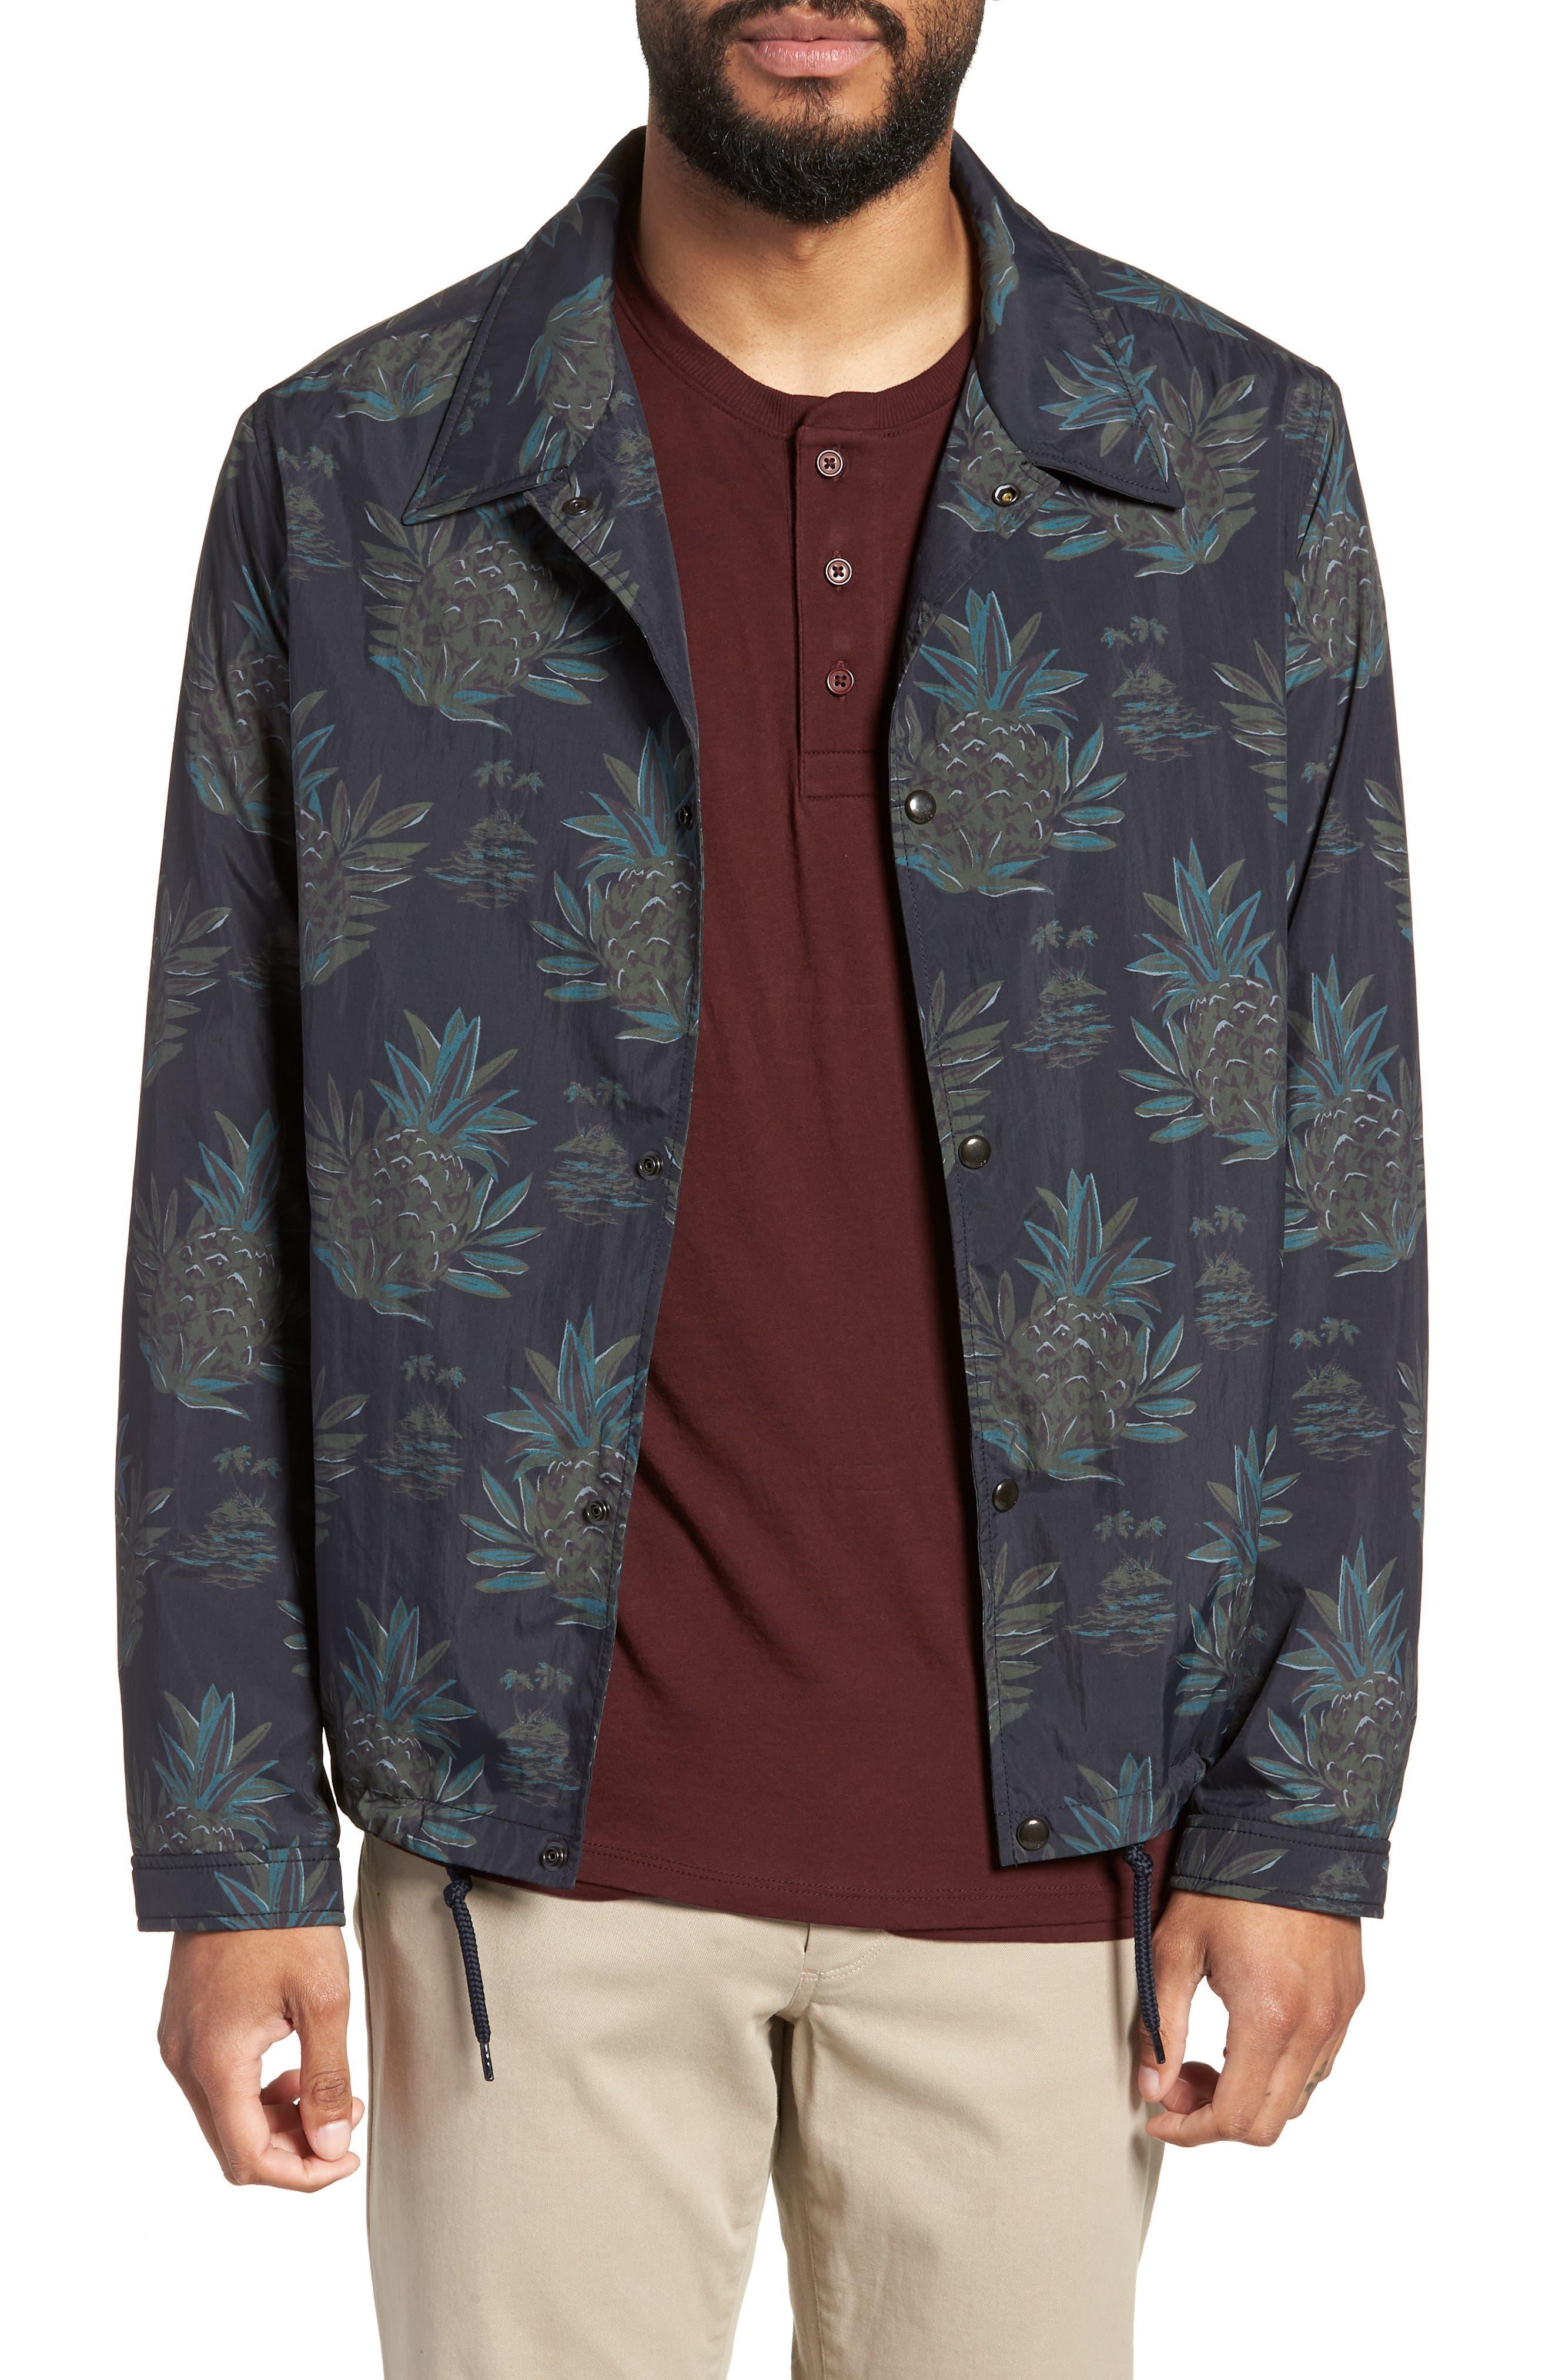 Tropical Regular Fit Coach's Jacket,                         Main,                         color, New Coastal